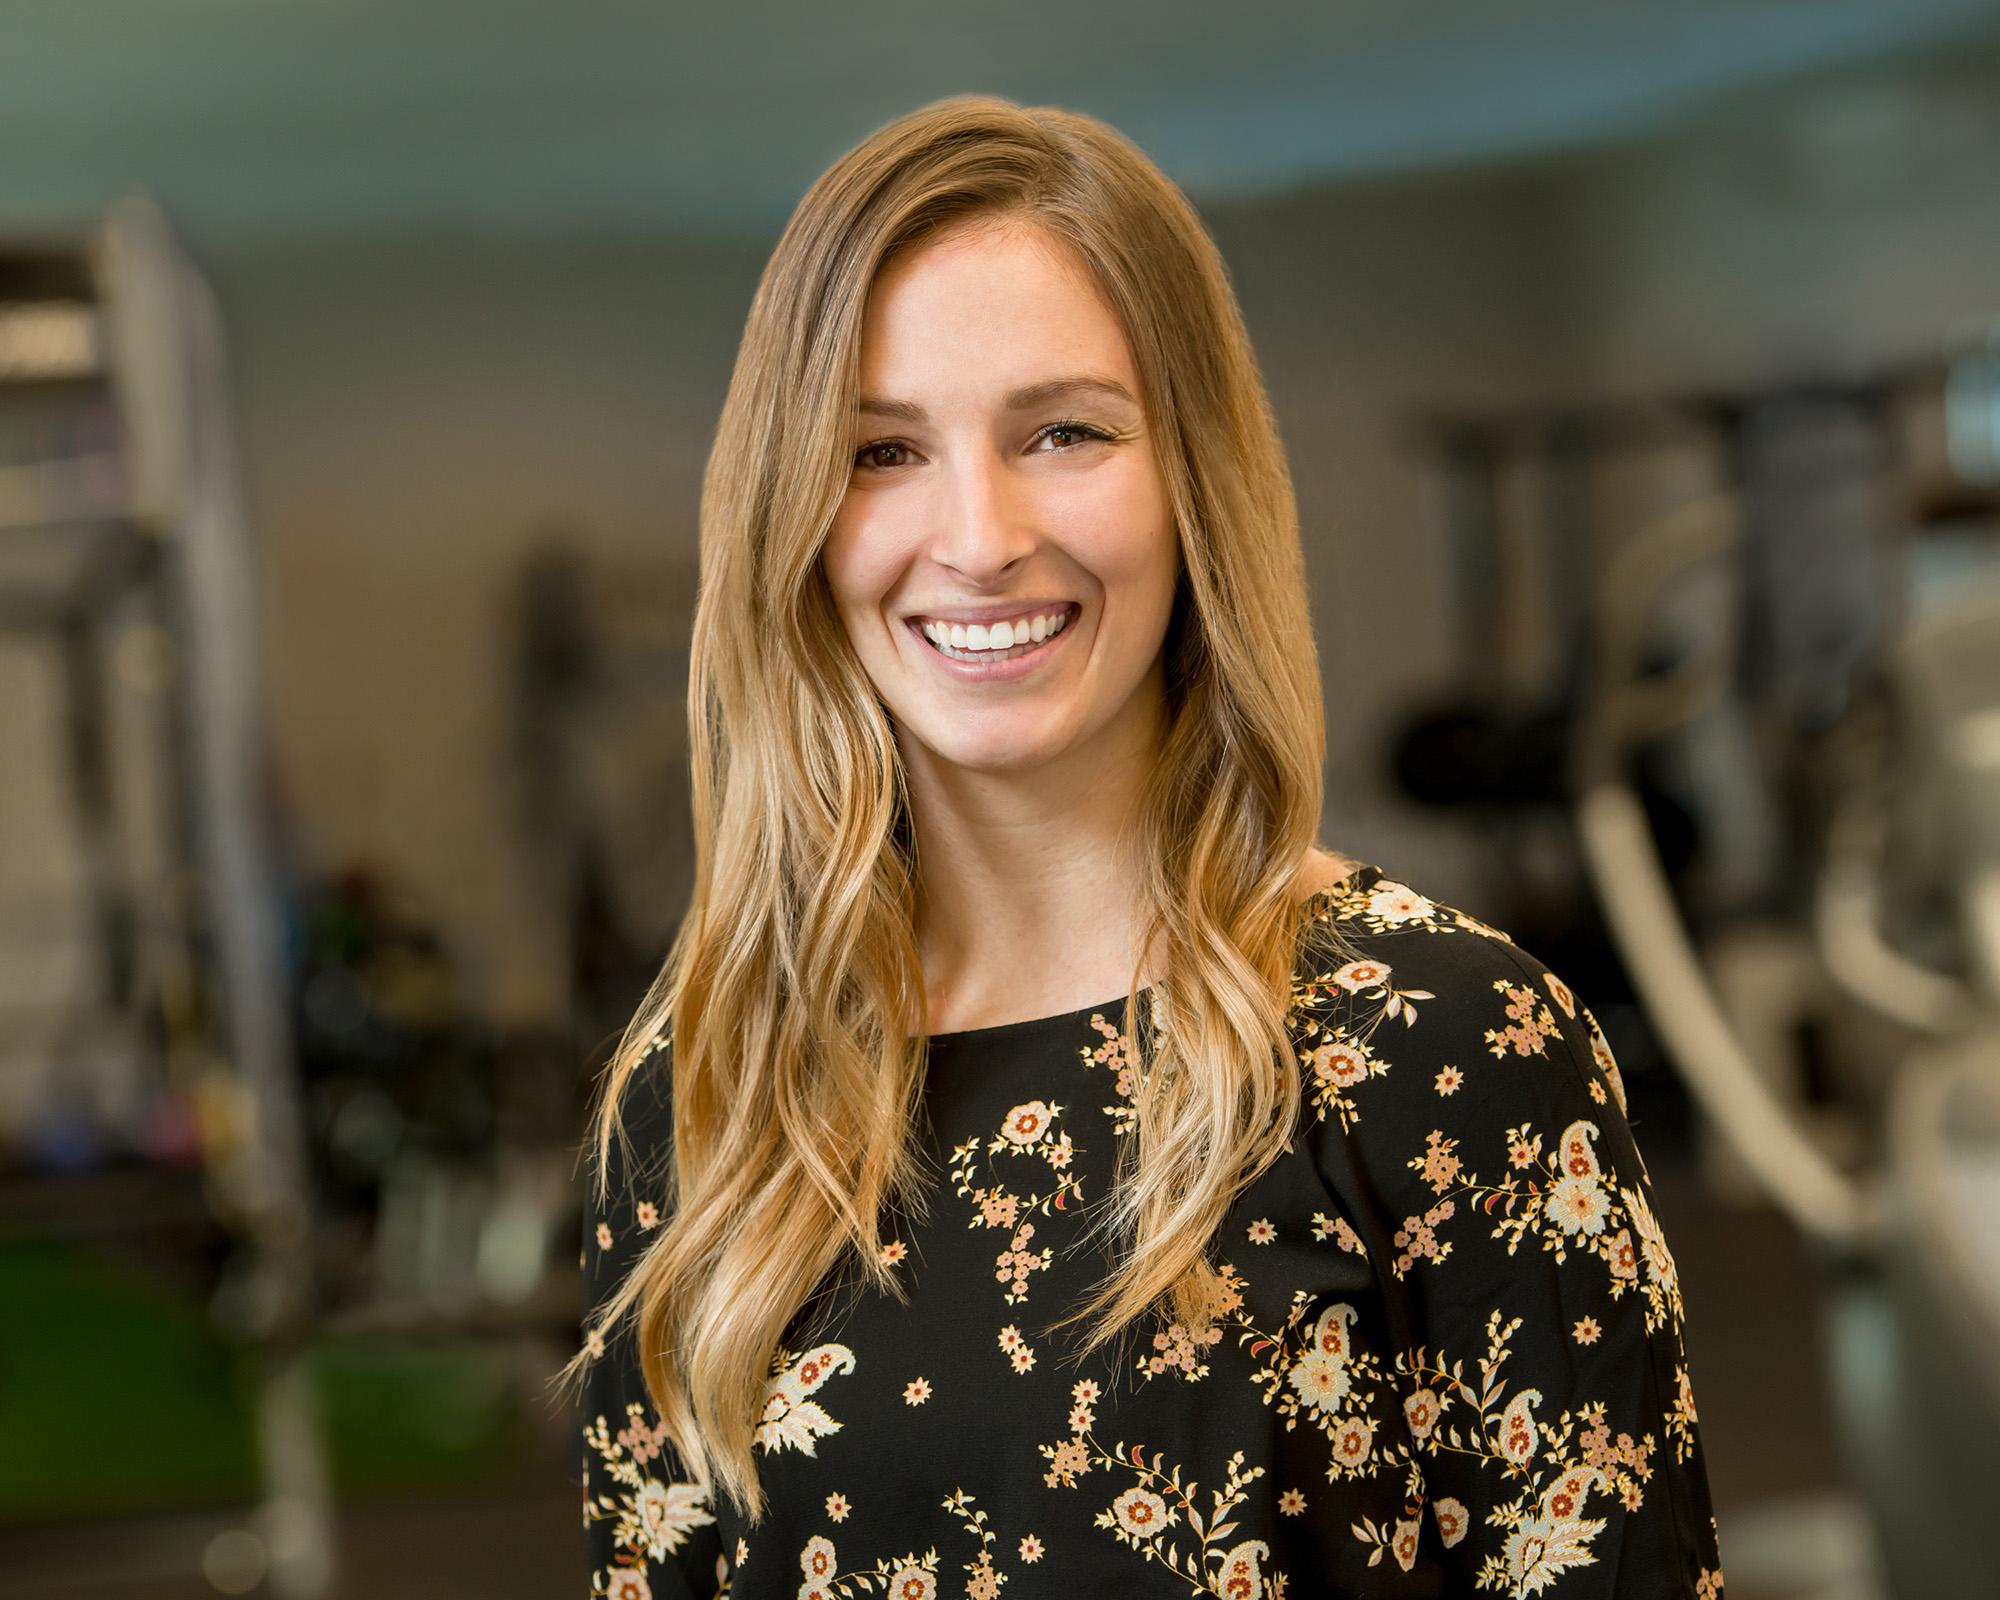 Lattimore Physical Therapist Megan Hotchkiss